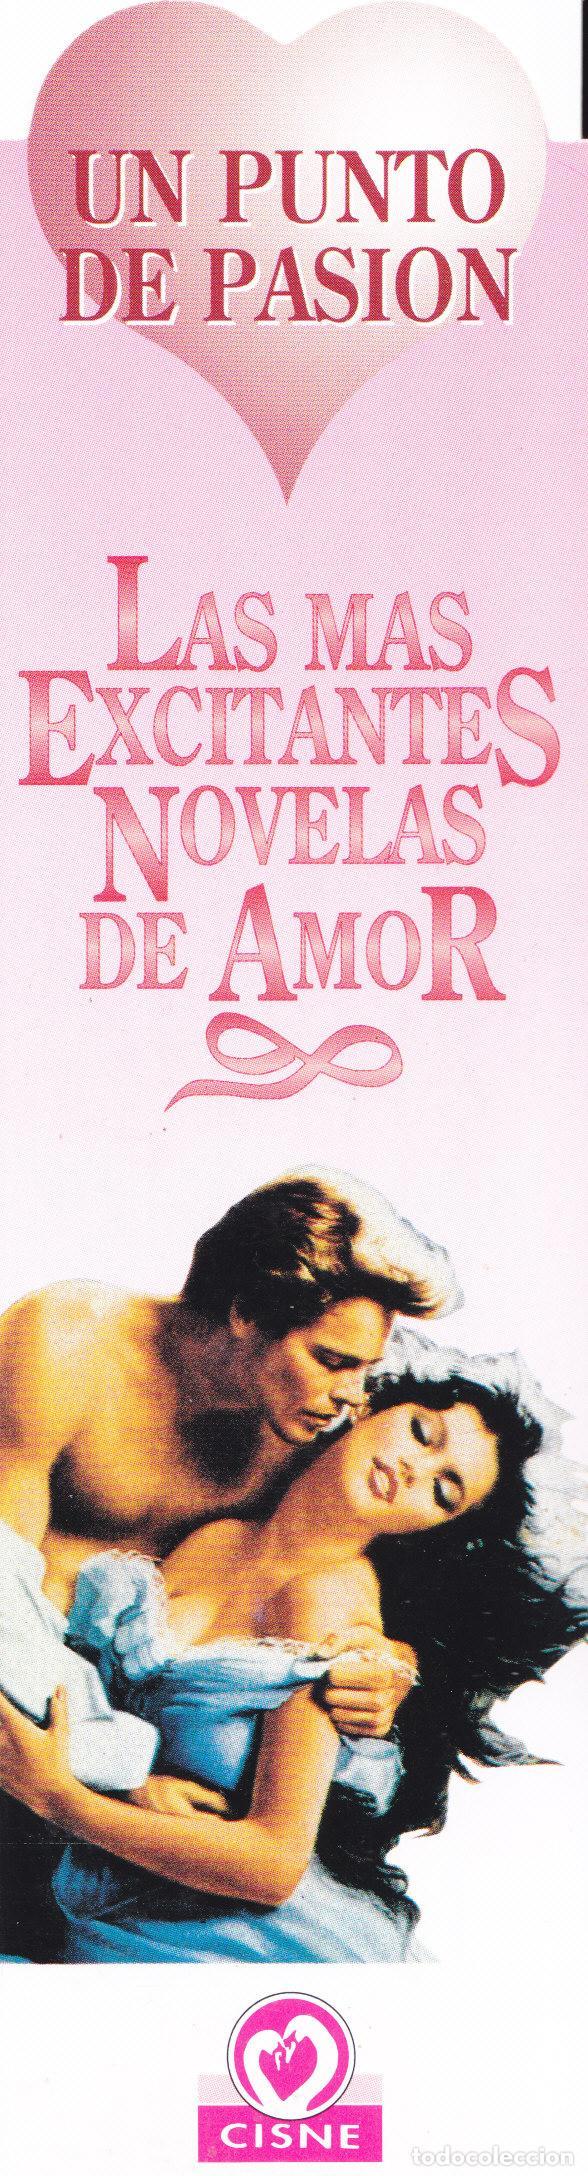 Marcapaginas Las Mas Excitantes Novelas De Amo Comprar